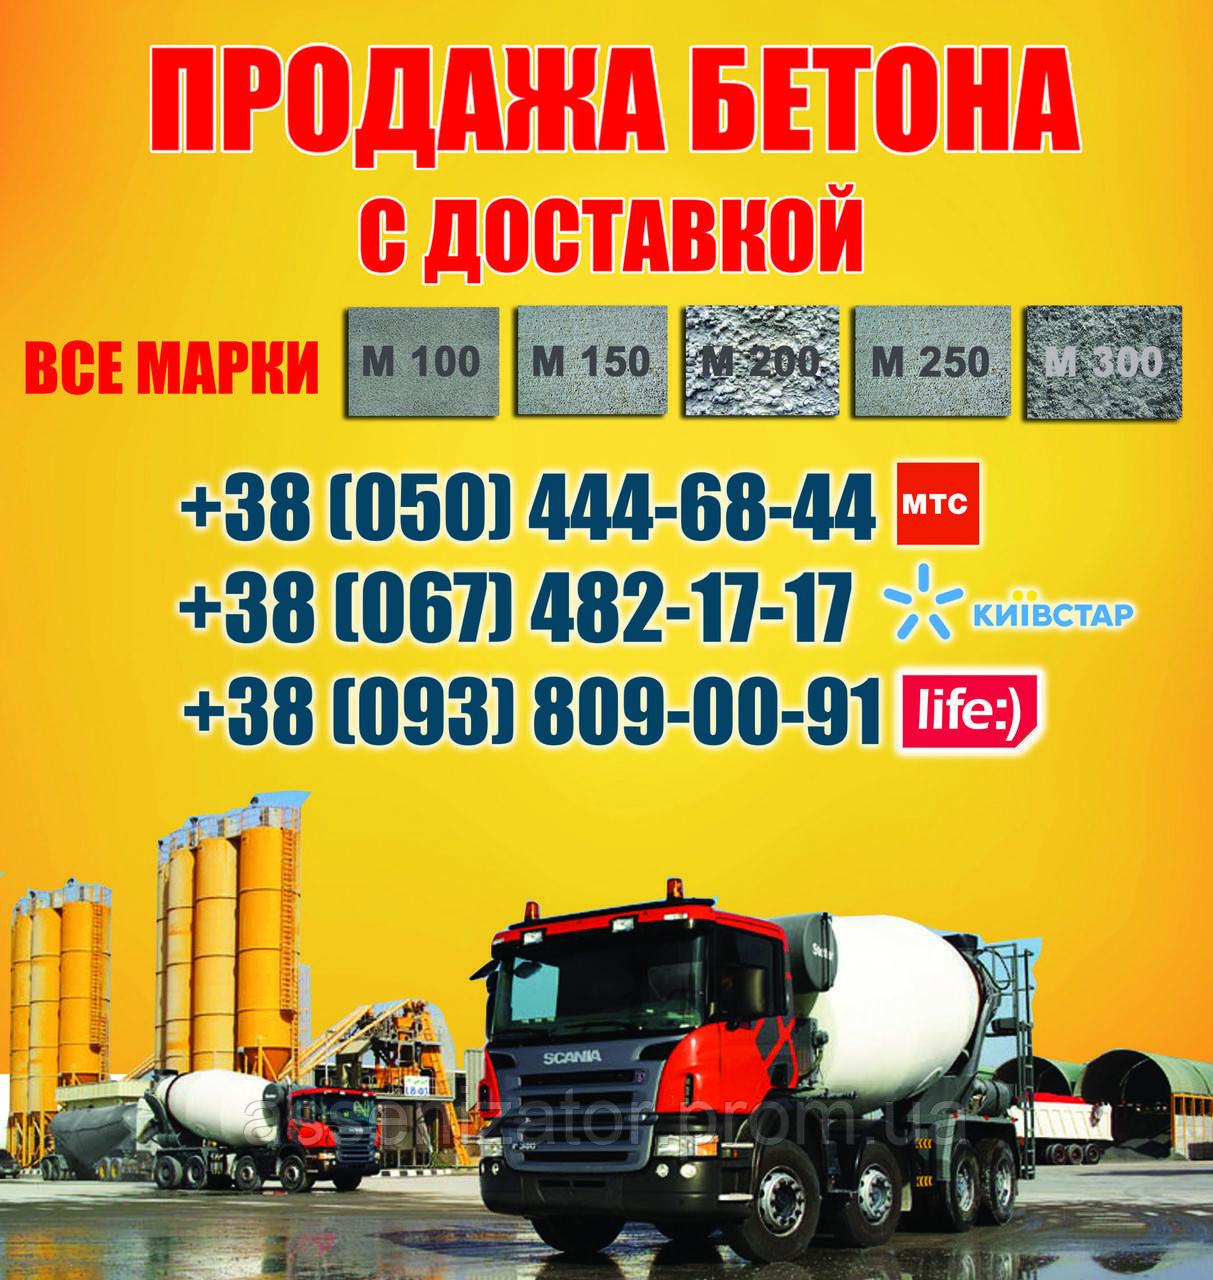 Купить бетон цена за куб в московской области горючесть керамзитобетон